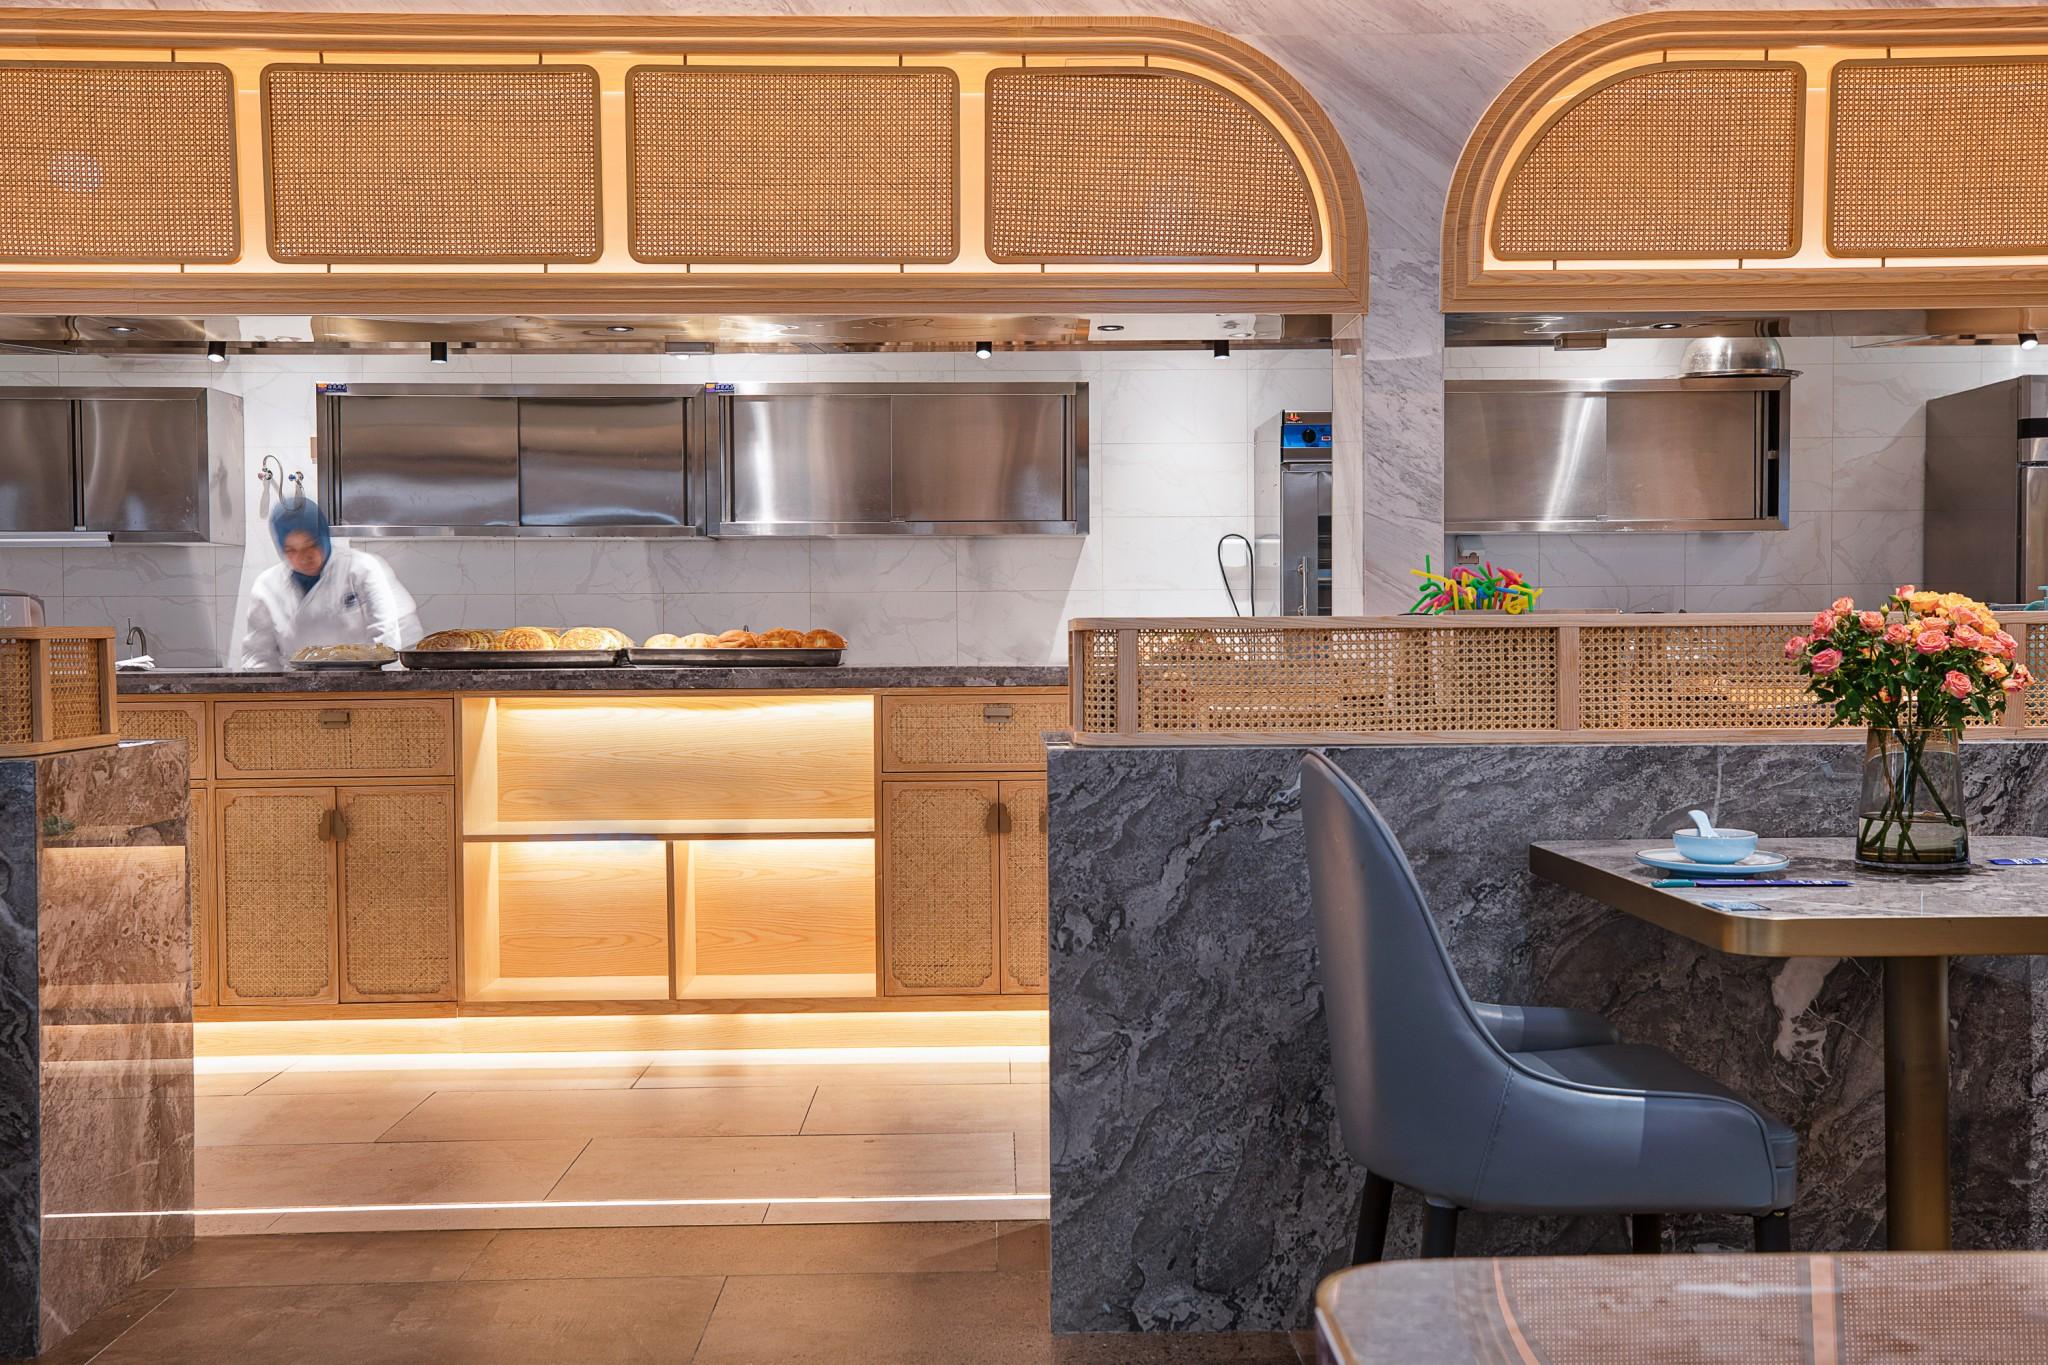 品味回西北菜餐厅设计-杭州餐厅设计-杭州达岸品牌策划设计公司900bc5f5f7760f3128a4414ca3a06f0e